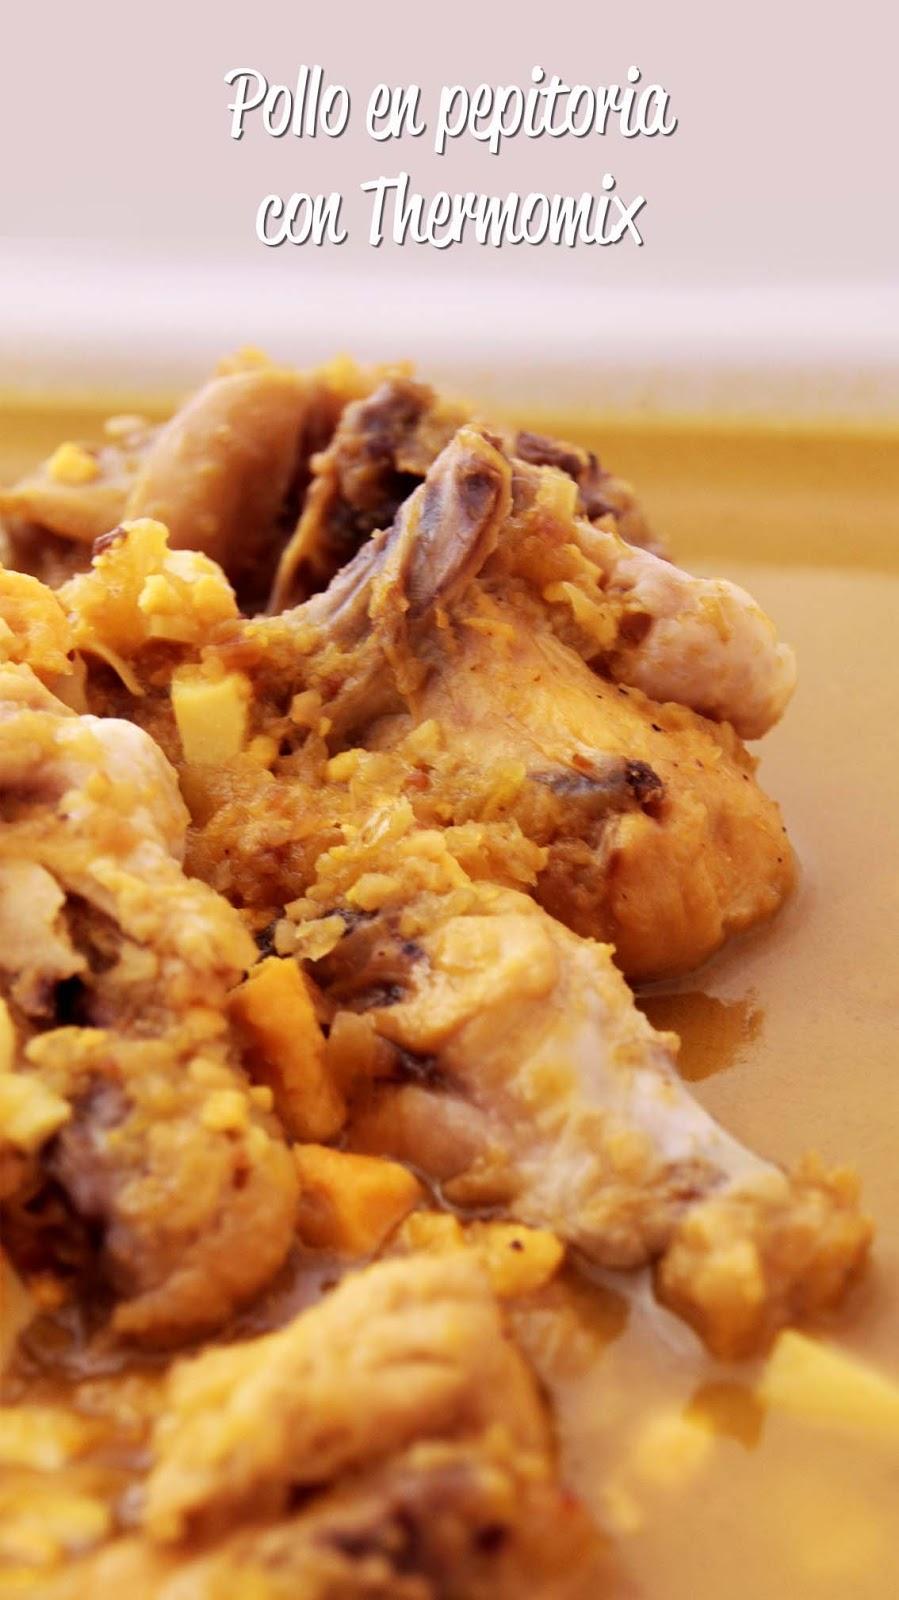 Cocina para novatos en tiempos de crisis pollo en pepitoria thermomix - Cocina para novatos ...